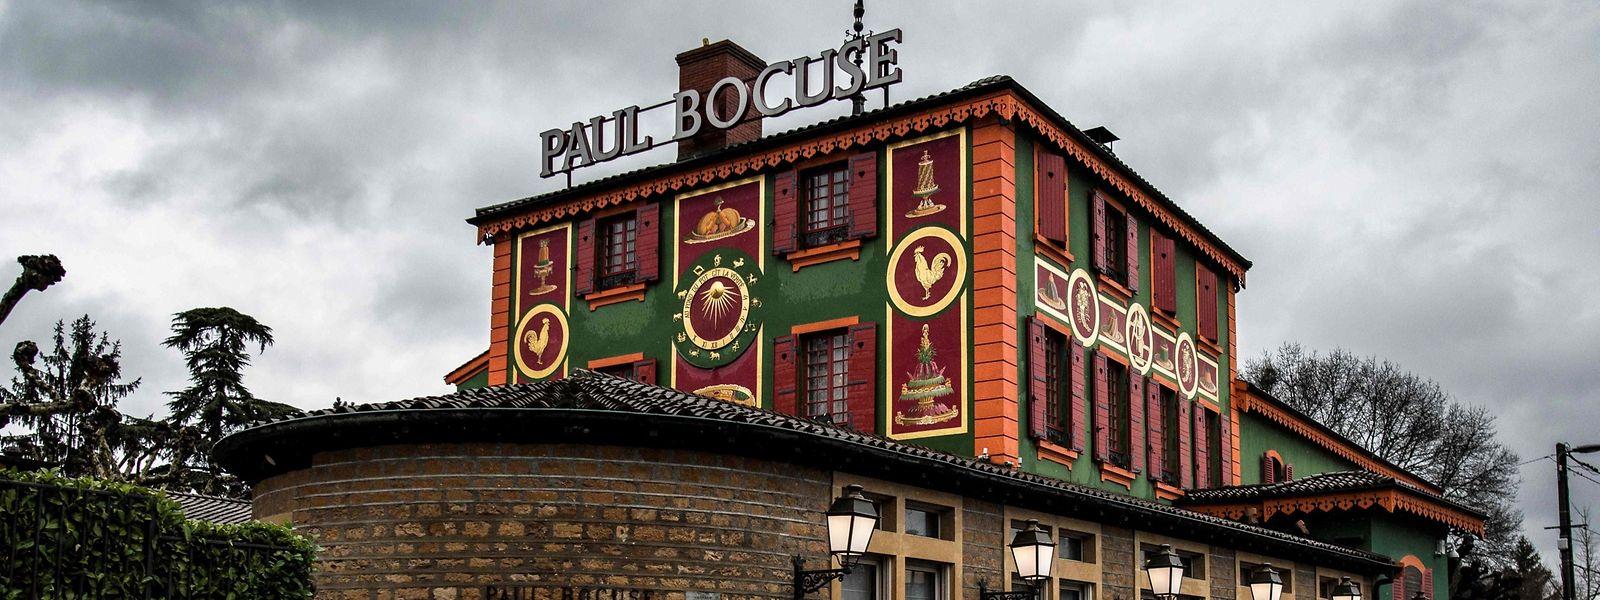 """Das Restaurant """"L'auberge du Pont de Collonges"""" nahe Lyon, das dem französischen Spitzenkoch Paul Bocuse gehörte, rangiert künftig nicht mehr in der höchsten Kategorie im Guide Michelin."""